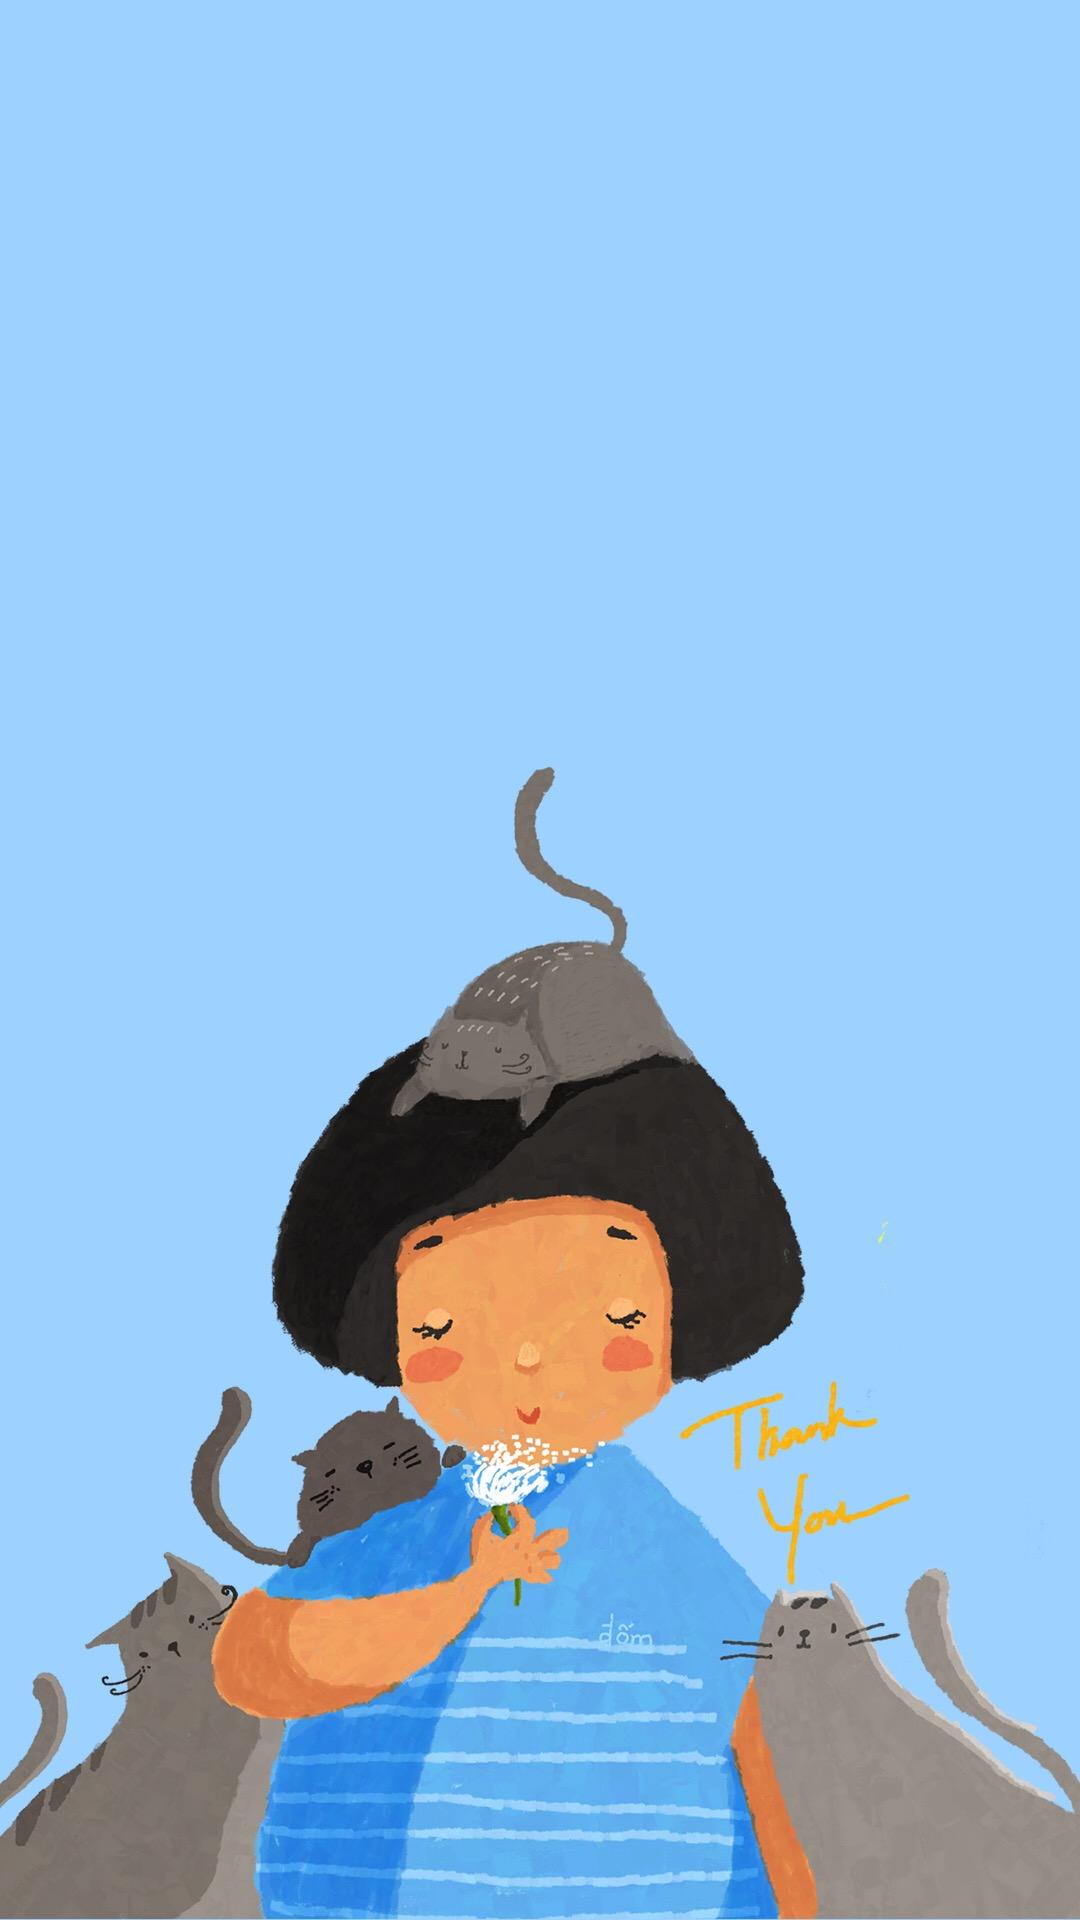 蘑菇头 女孩 猫咪 蓝色 手绘 插画 苹果手机高清壁纸